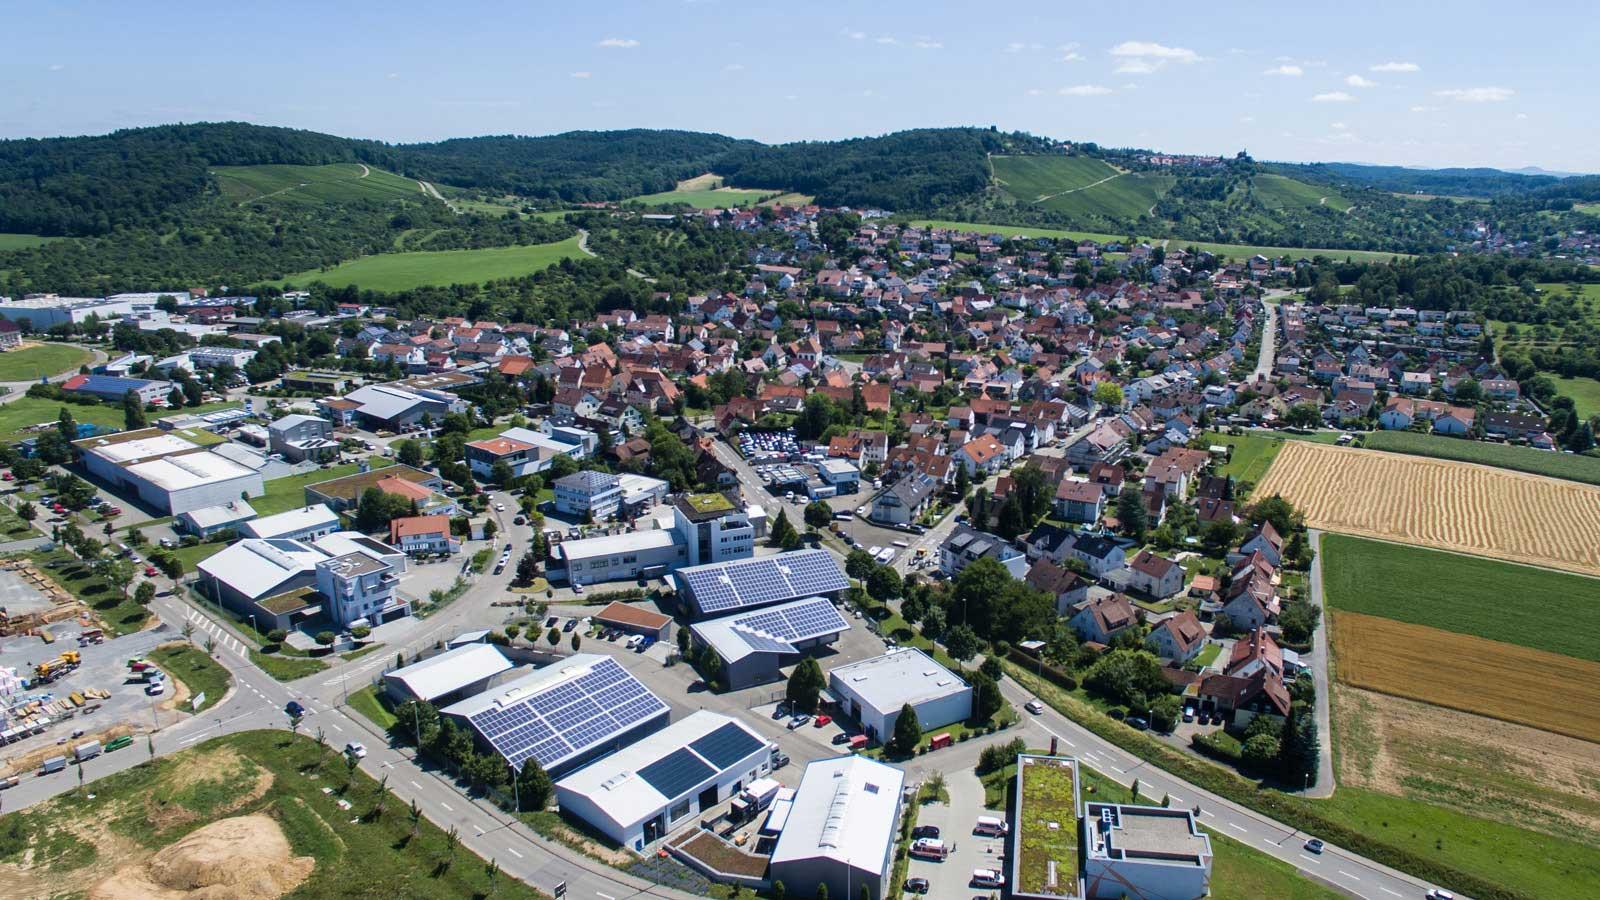 Hertmannsweiler Luftaufnahme